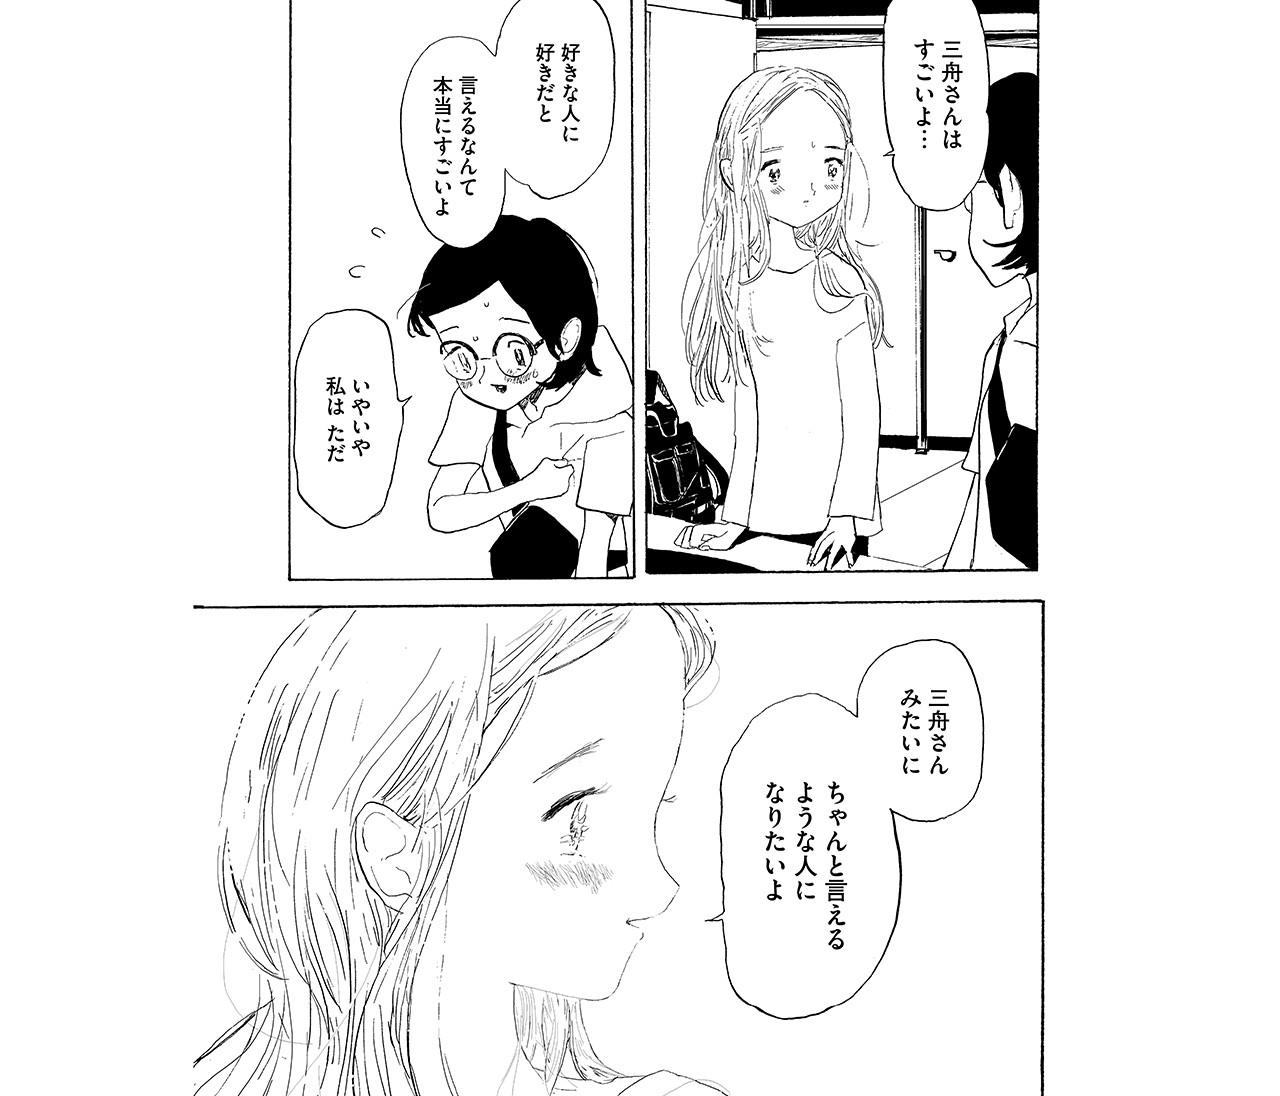 宮崎夏次系の最新作『あなたはブンちゃんの恋』をレビュー!【30代女子のおすすめコミック】